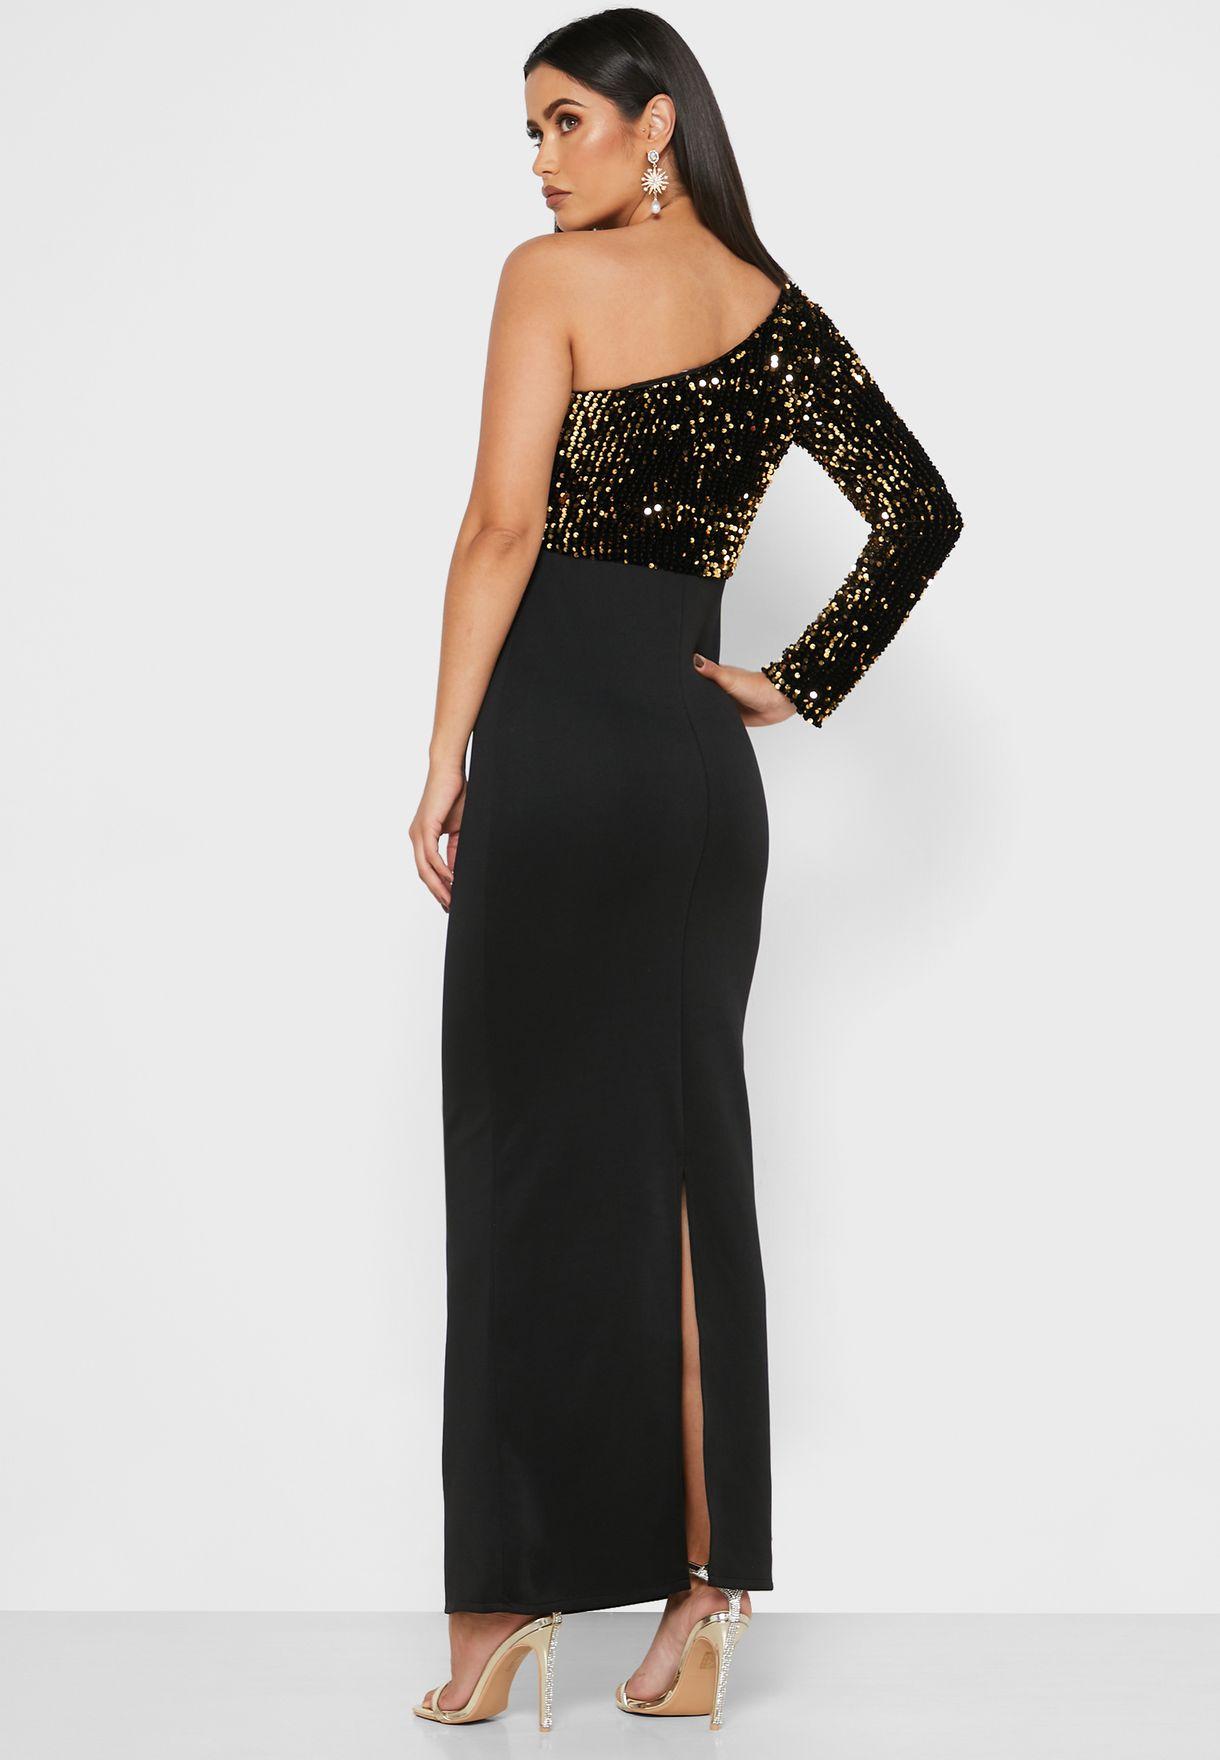 Sequin Top One Shoulder Maxi Dress